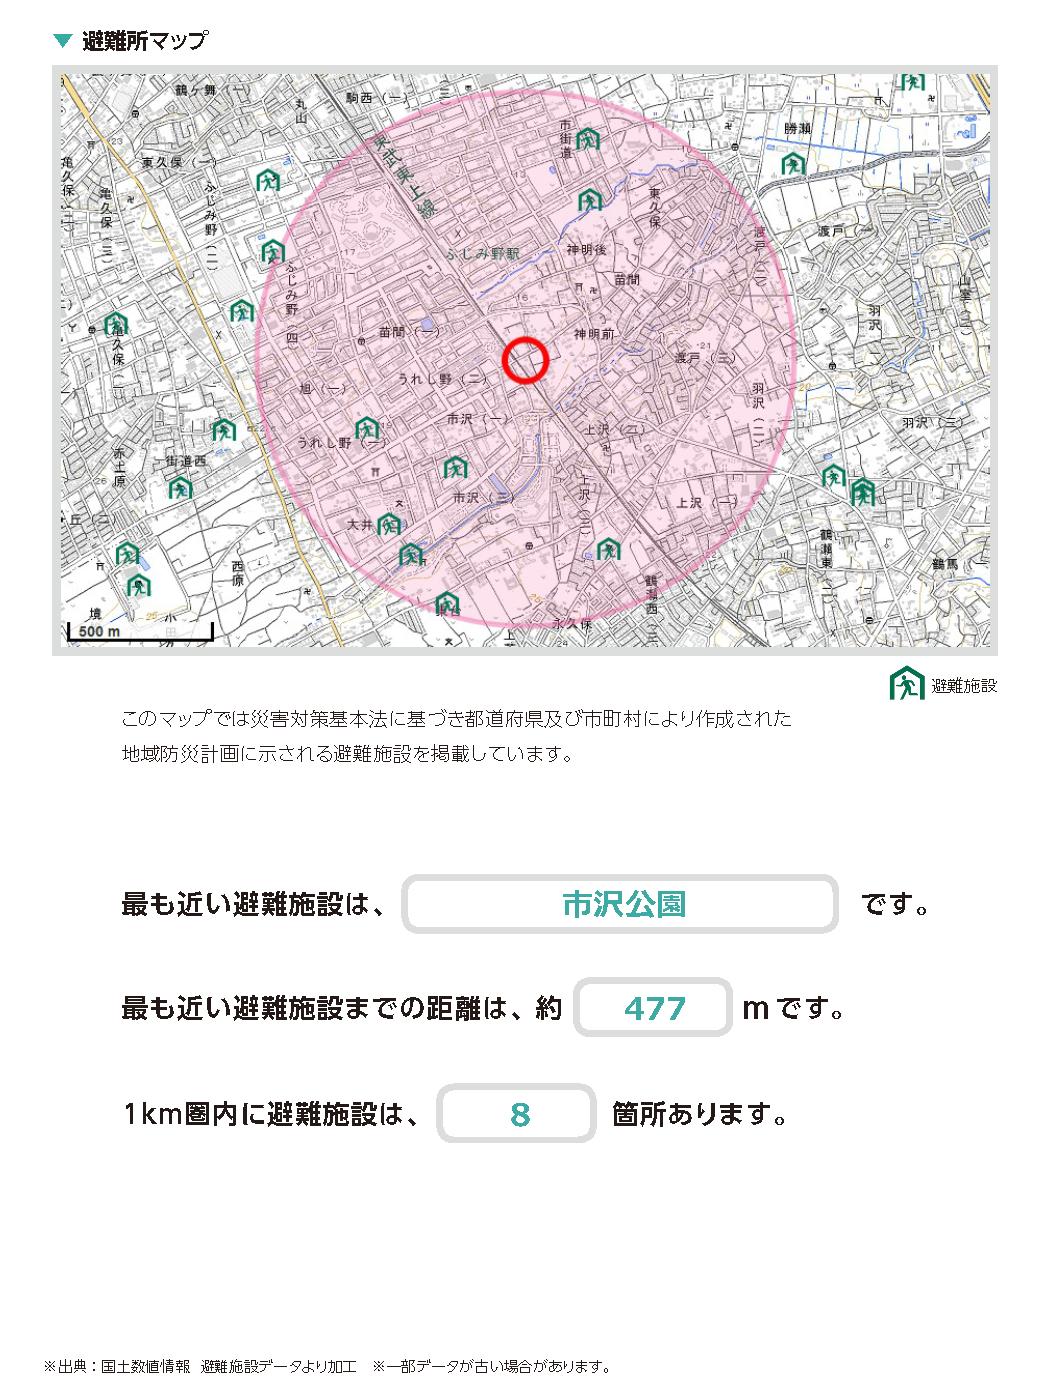 朝日工務店-土地情報レポート20160603_14900full__ページ_7